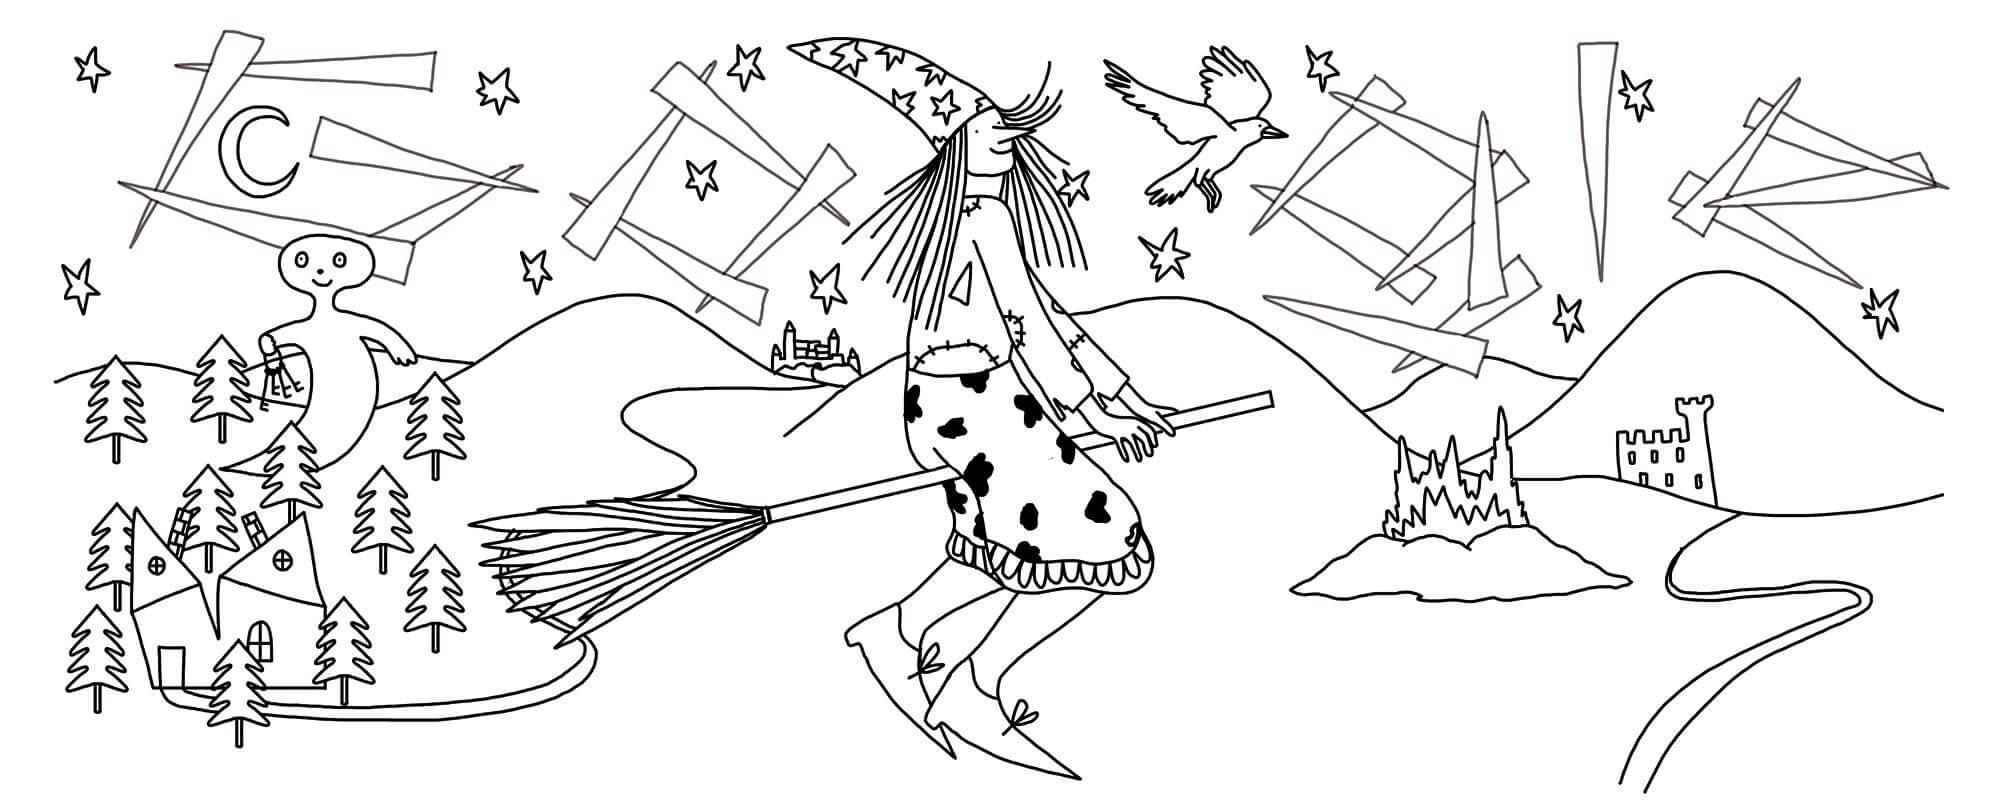 Doodle-Entwurf Otfried Preußler